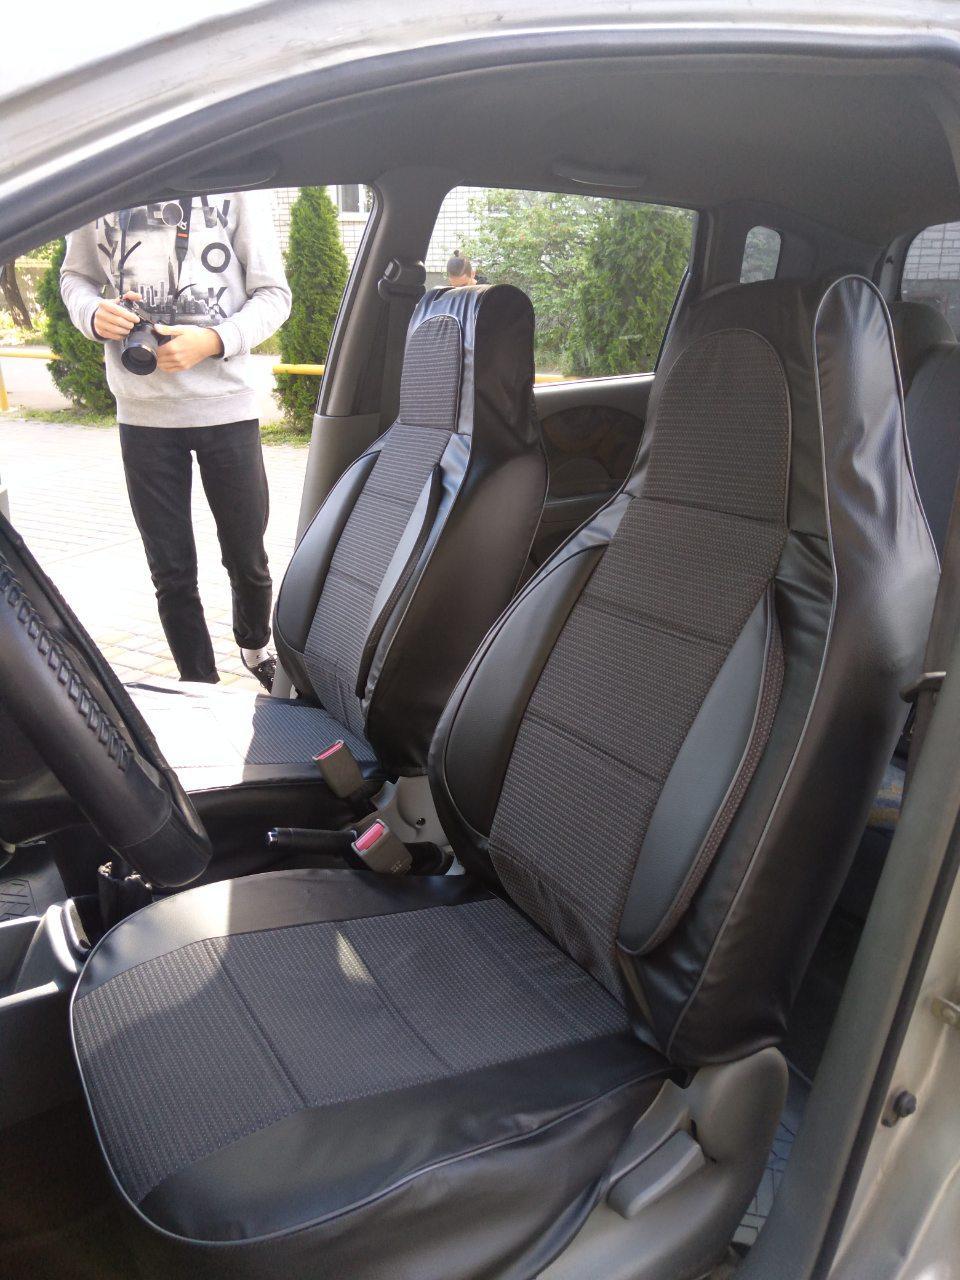 Чехлы на сиденья Митсубиси Аутлендер ХЛ (Mitsubishi Outlander XL) (универсальные, кожзам+автоткань, пилот)